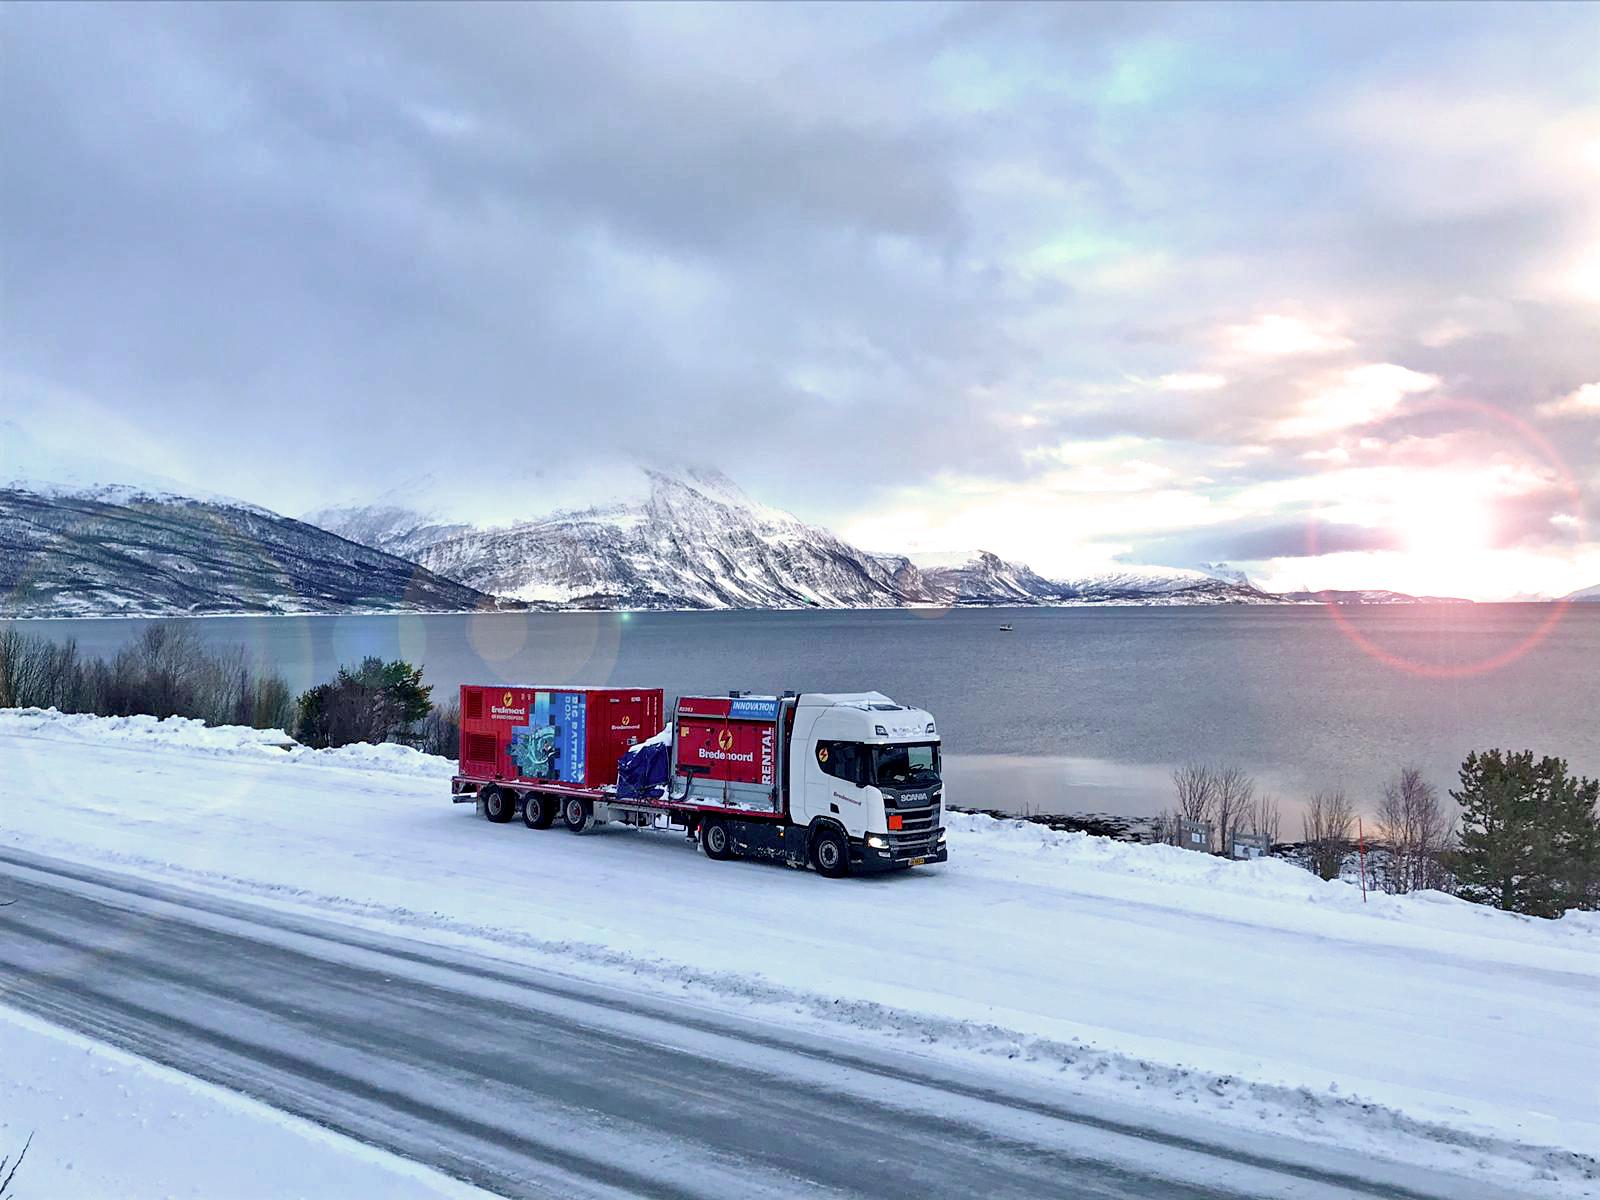 Noorwegen-meer-4.jpg.jpg#asset:134031